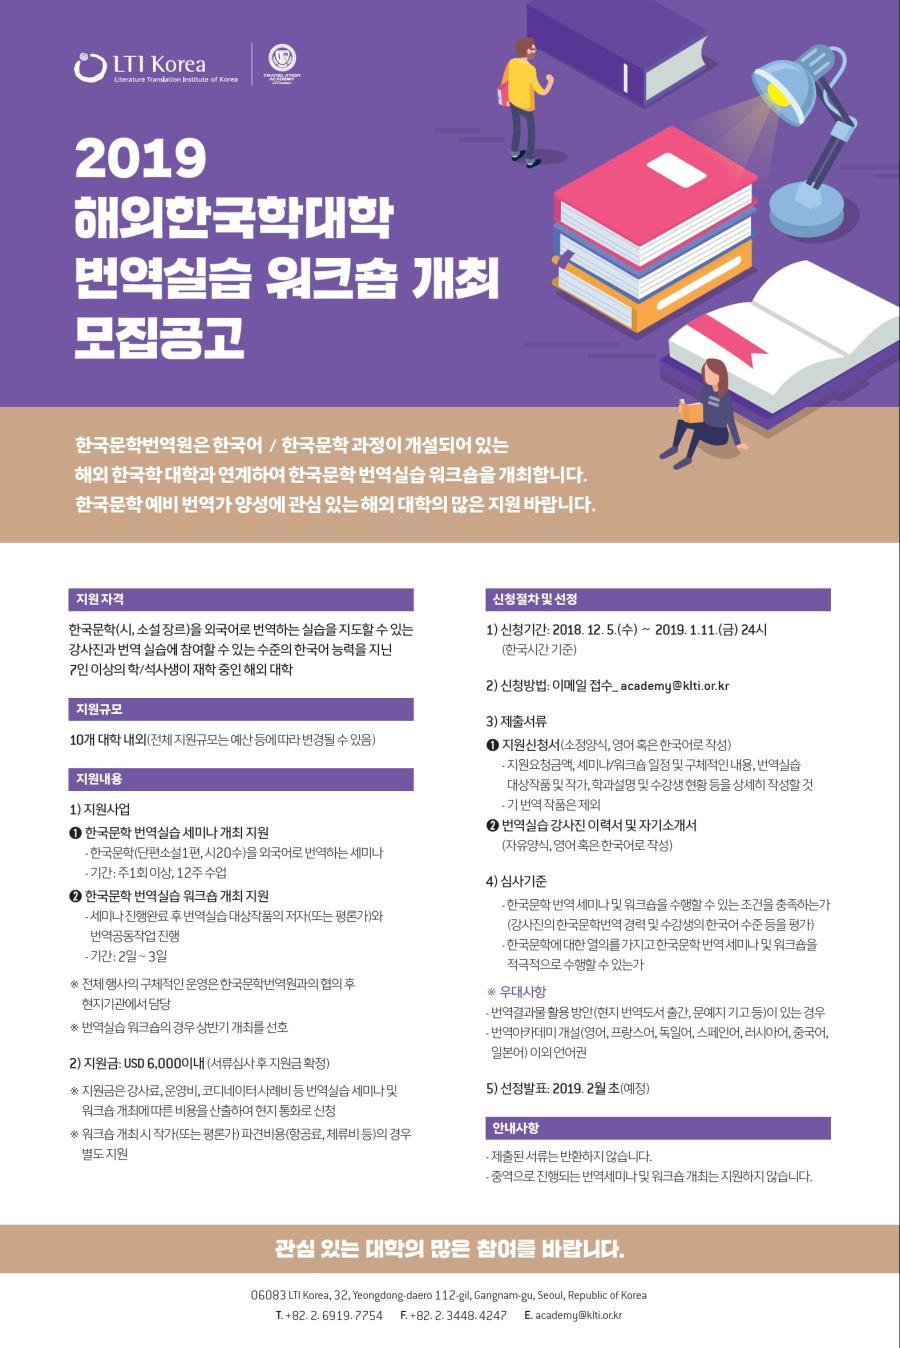 2019년도 해외 한국학대학 번역실습워크숍 참가 대학 모집 포스터(국문)